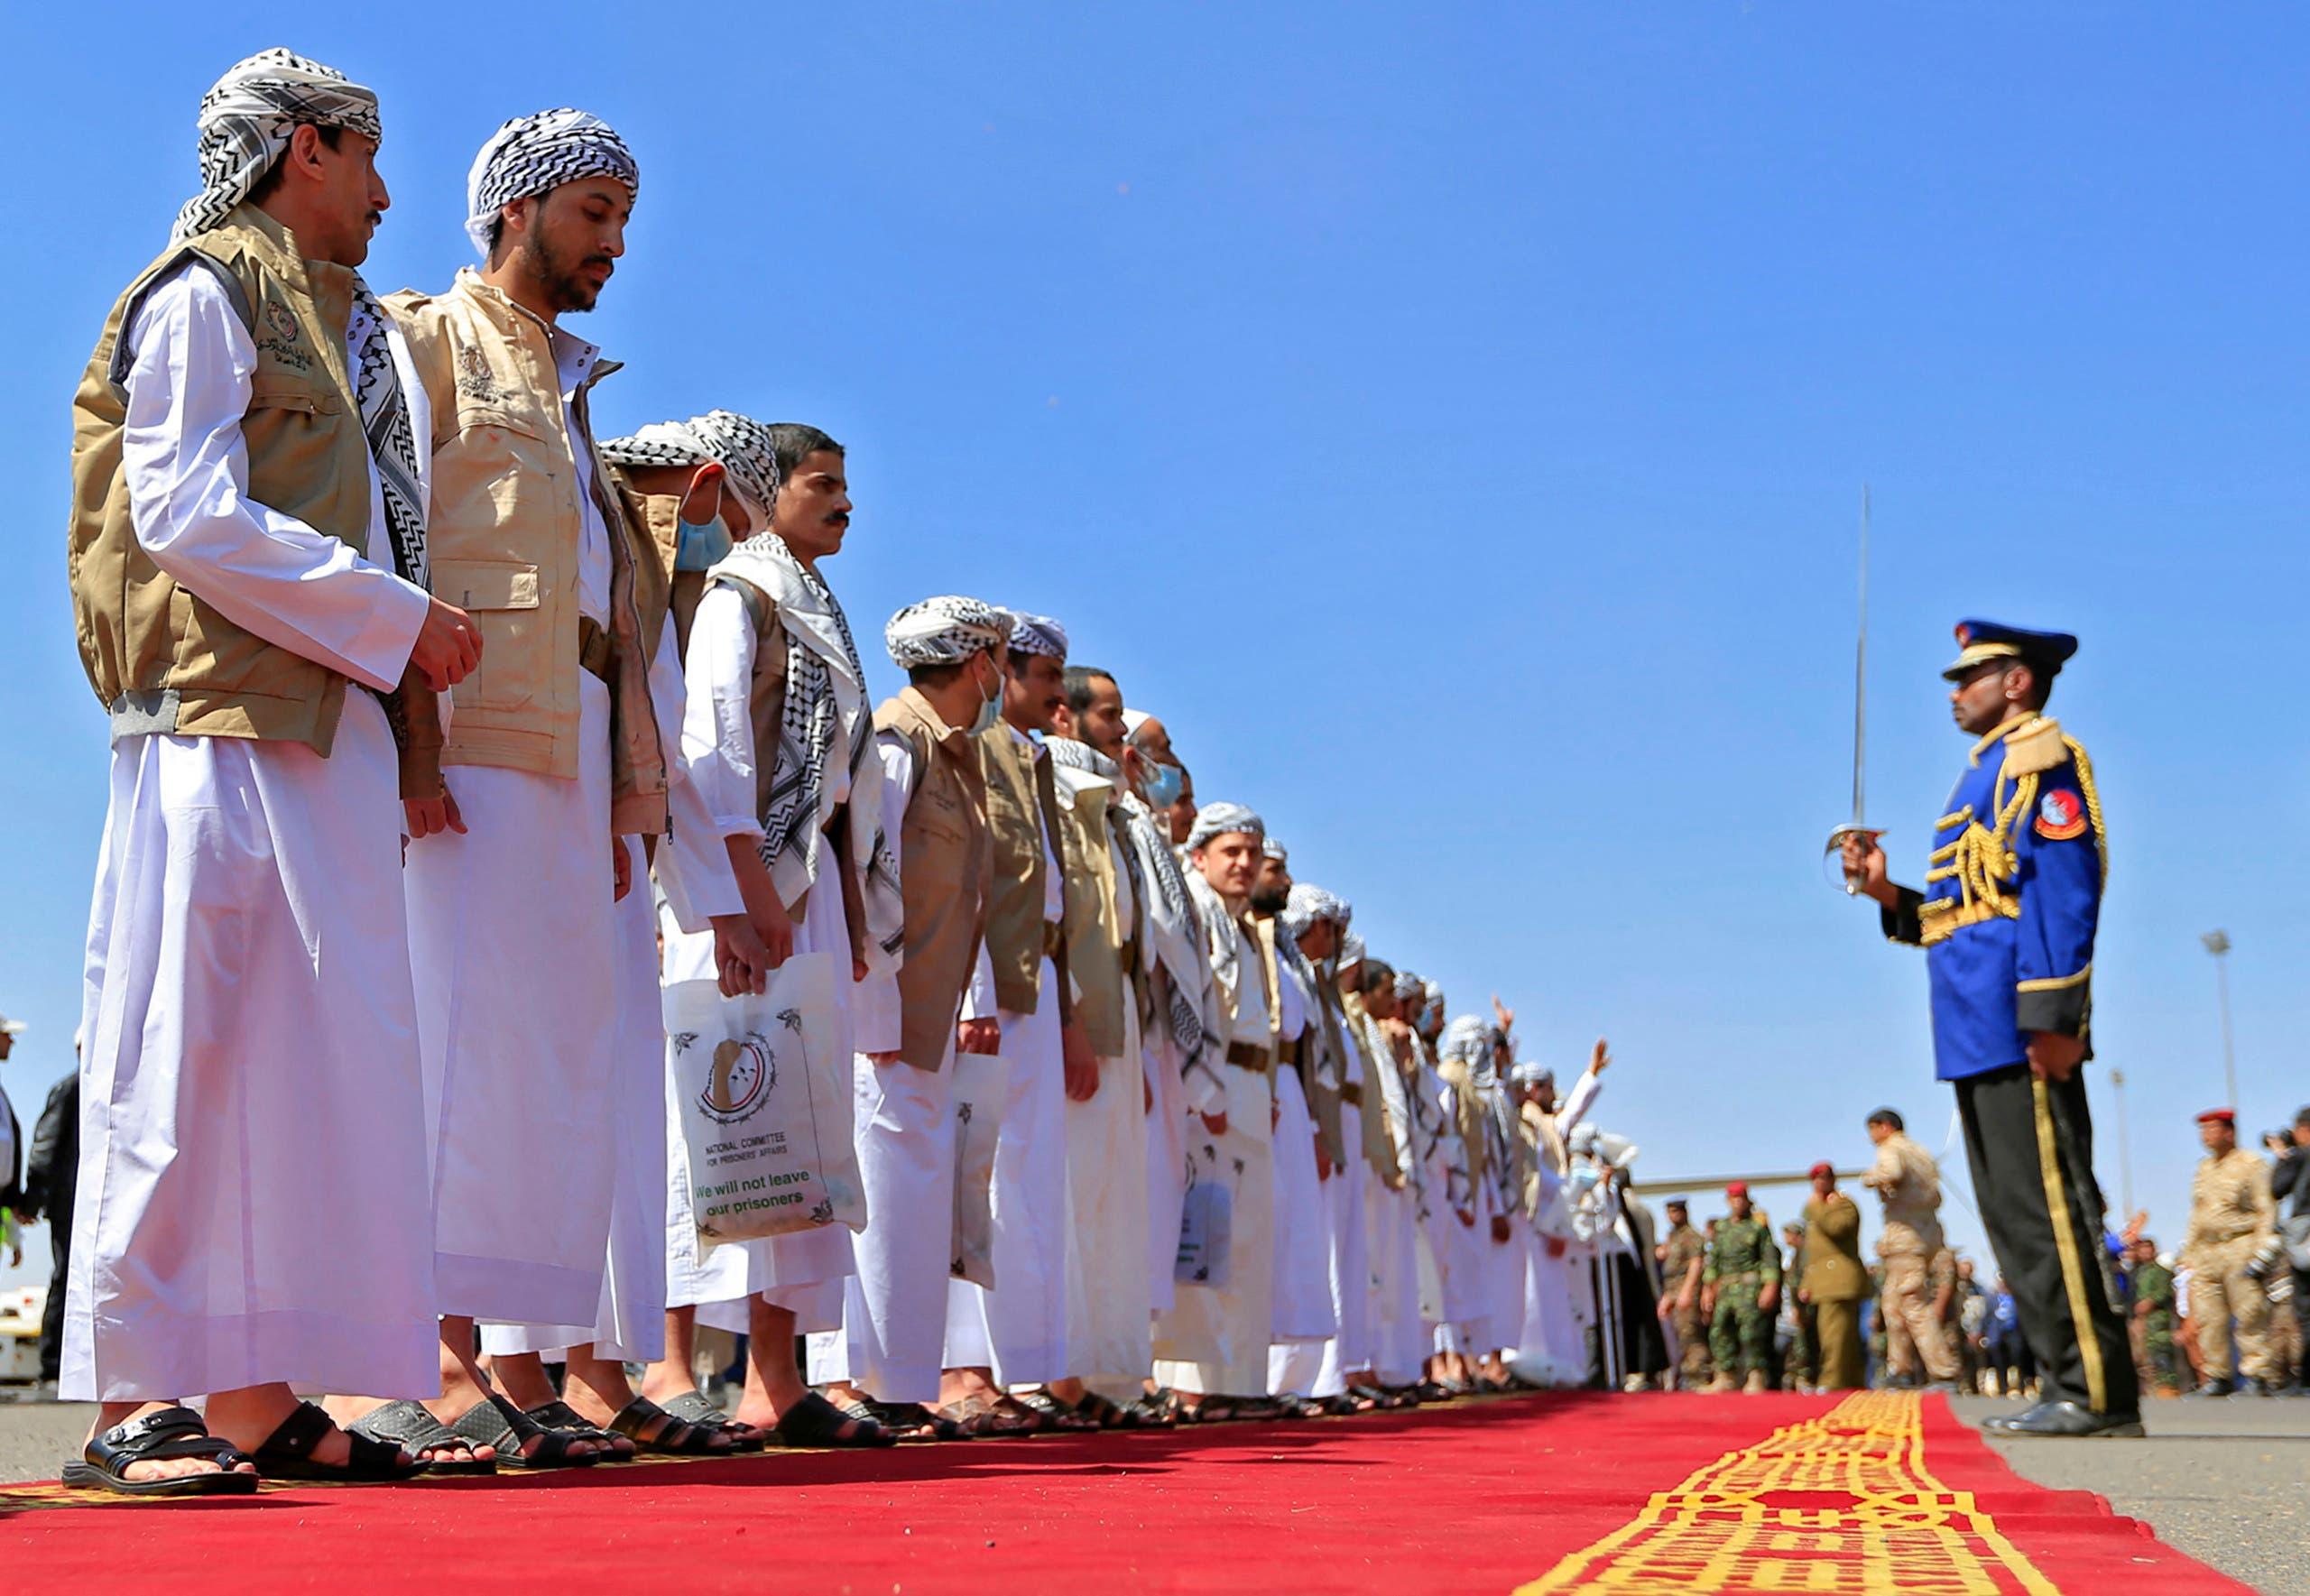 حوثيون أفرجت عنهم الحكومة ضمن صفقة التبادل في أكتوبر الماضي يصلون مطار صنعاء (أرشيفية)